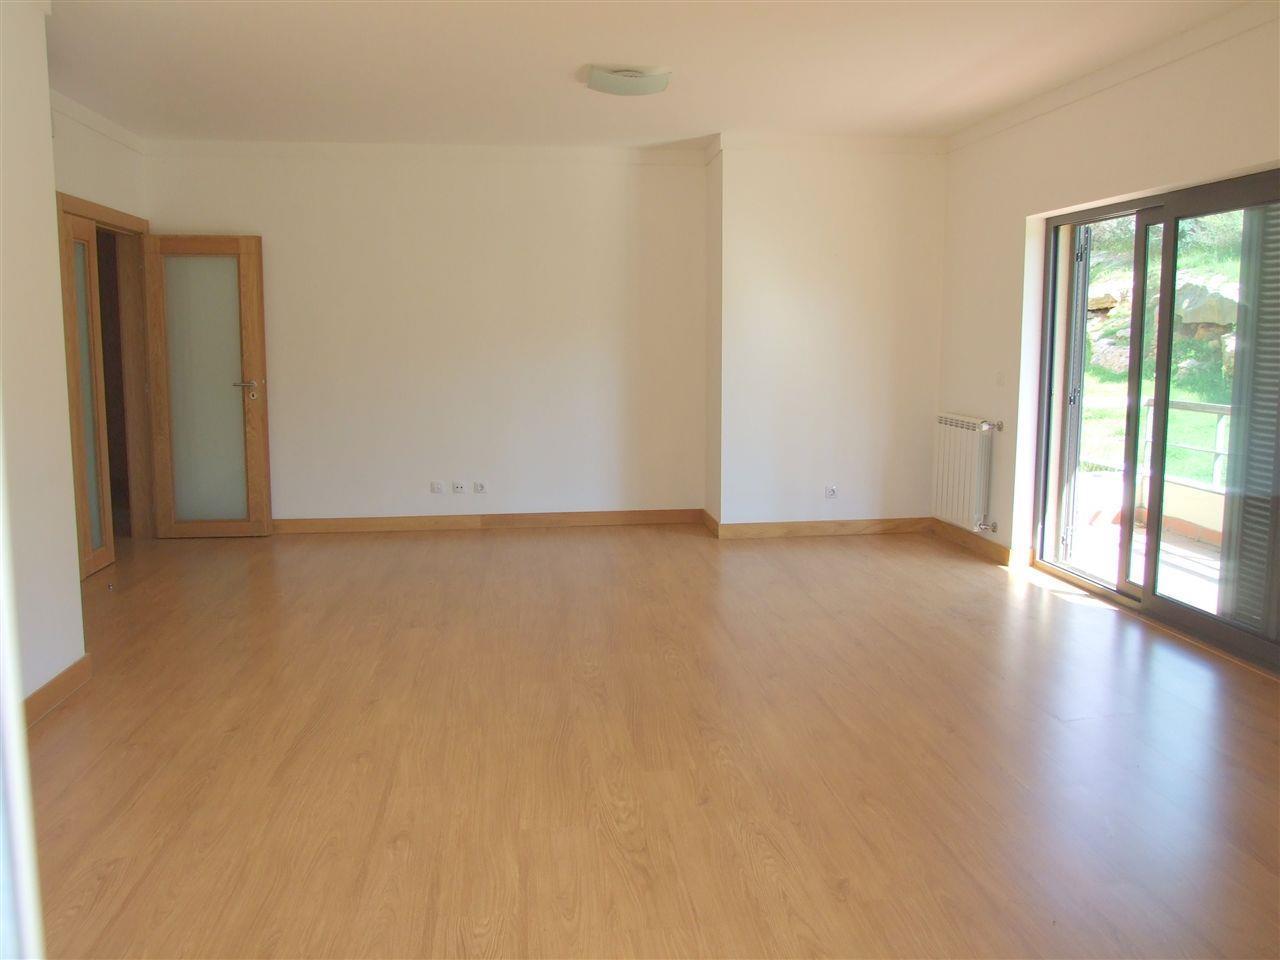 Appartement pour l Vente à Flat, 3 bedrooms, for Sale Cascais, Lisbonne Portugal